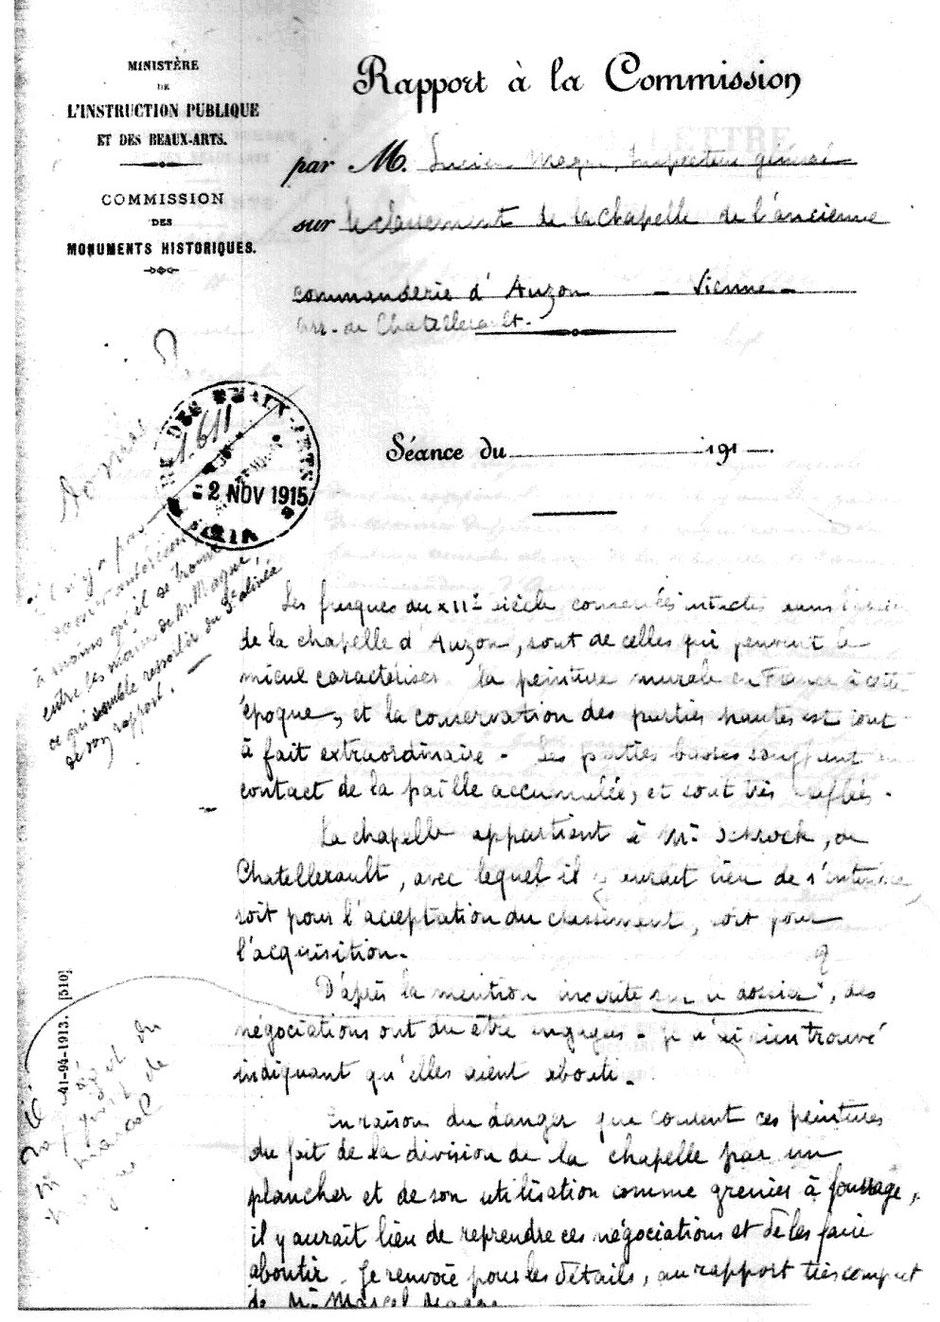 Rapport à la commission des monuments historiques - 1913